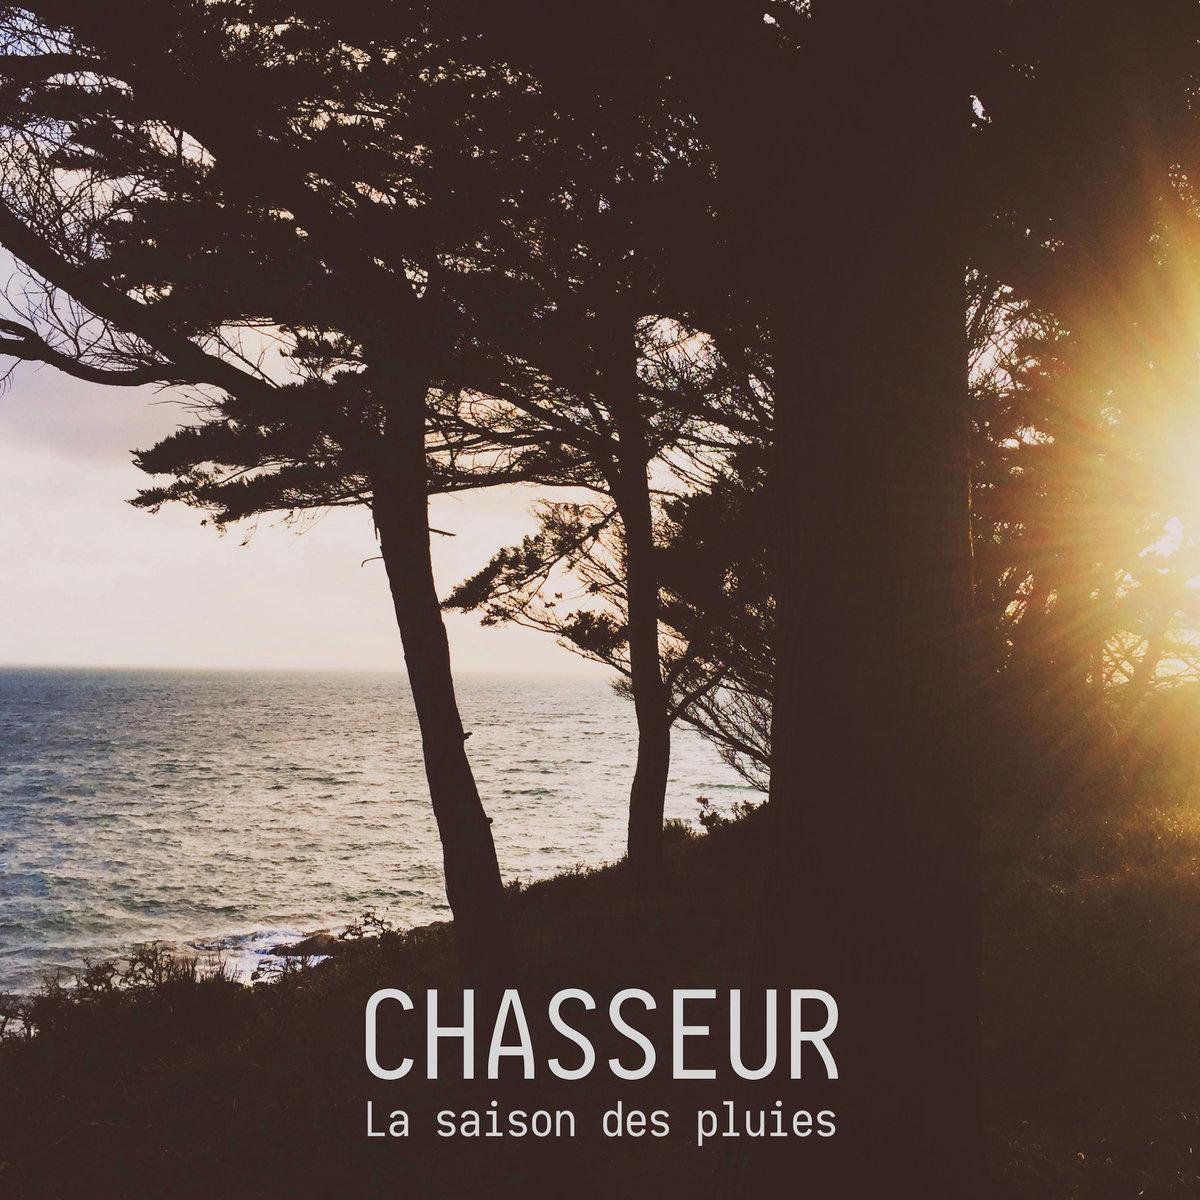 Single of the week – Chasseur – La saison des pluies